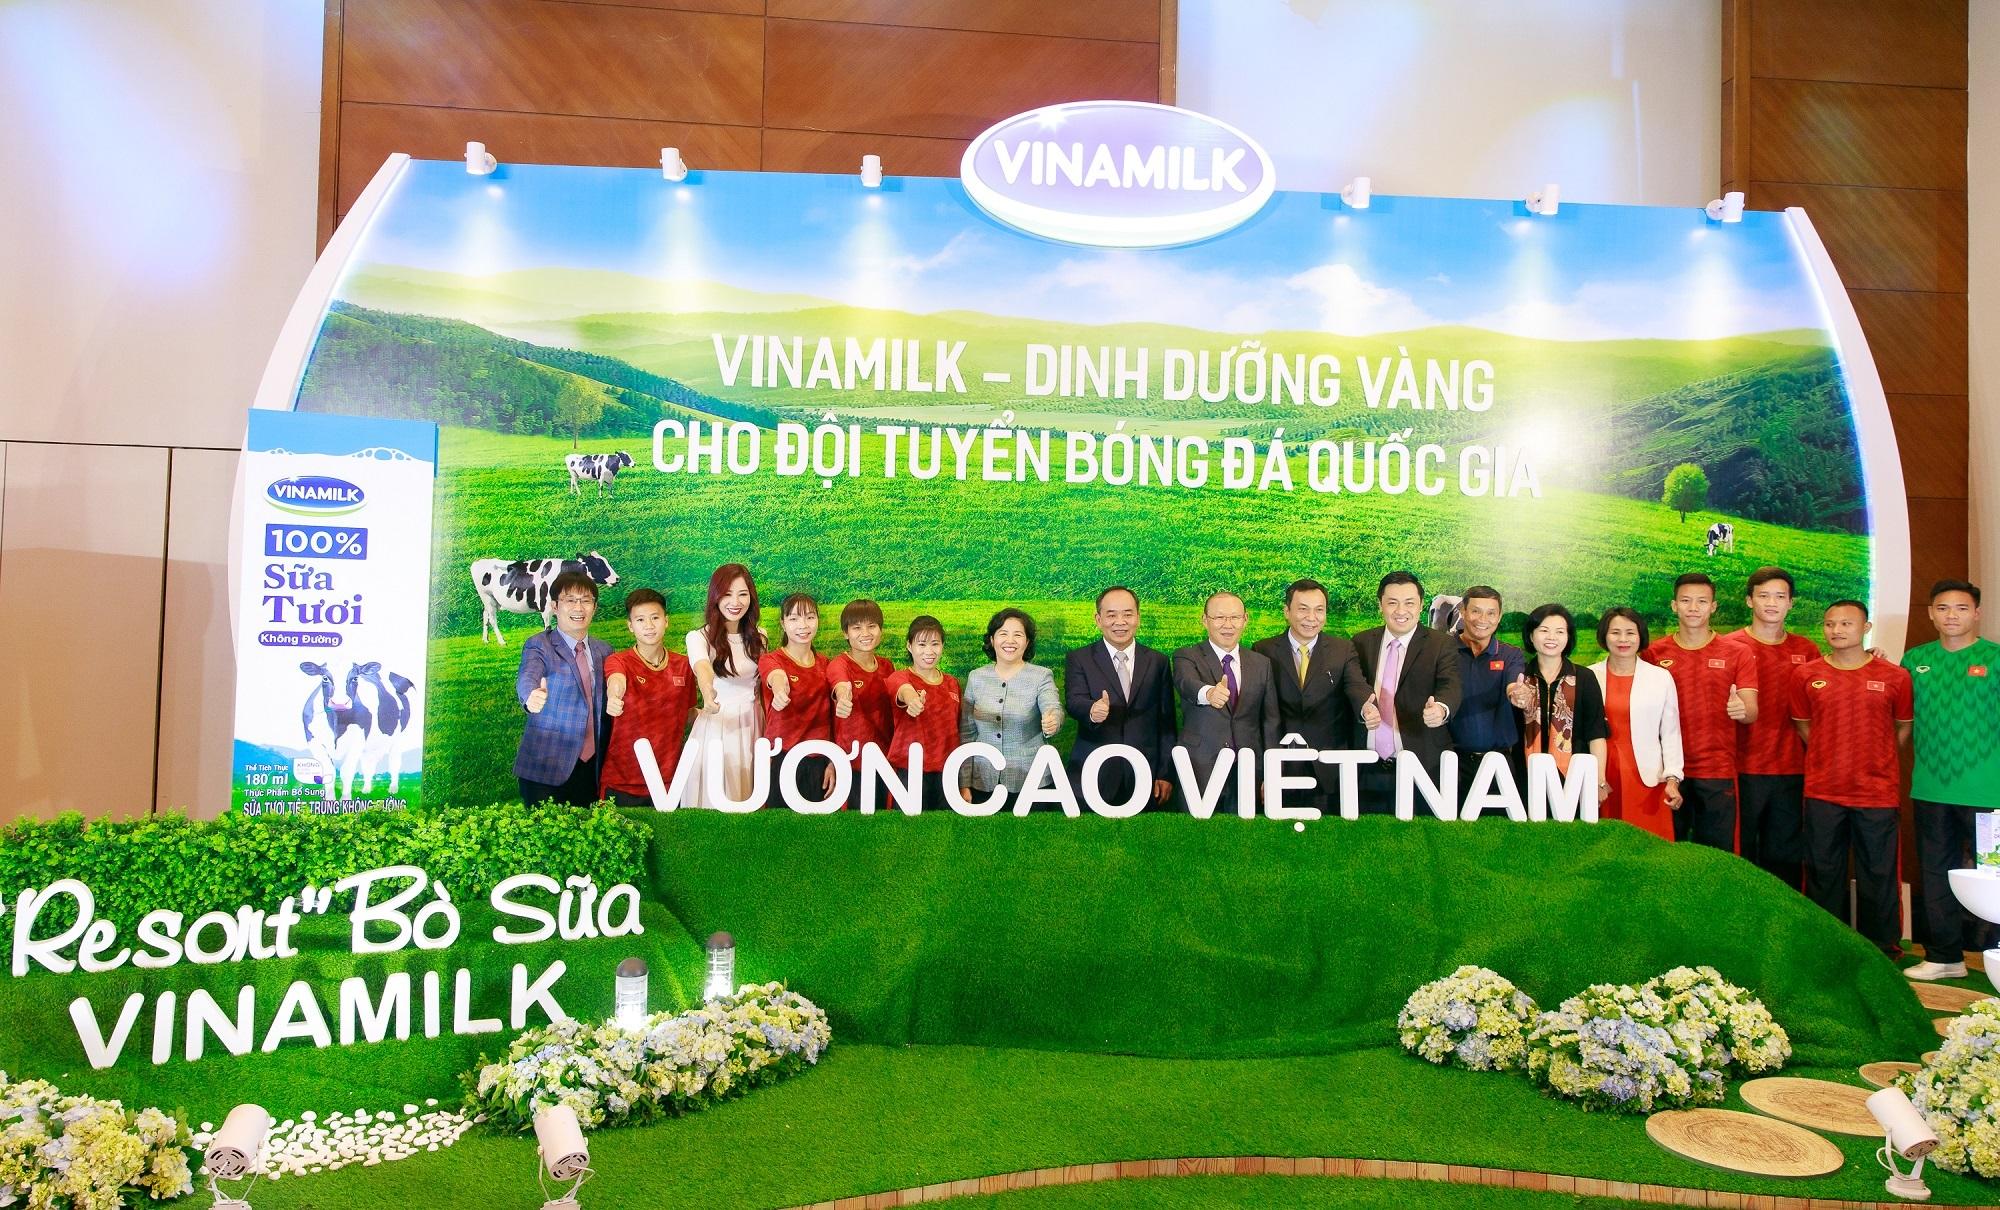 Vinamilk tài trợ chính thức cho các đội tuyển bóng đá quốc gia vì một Việt Nam vươn cao - Ảnh 5